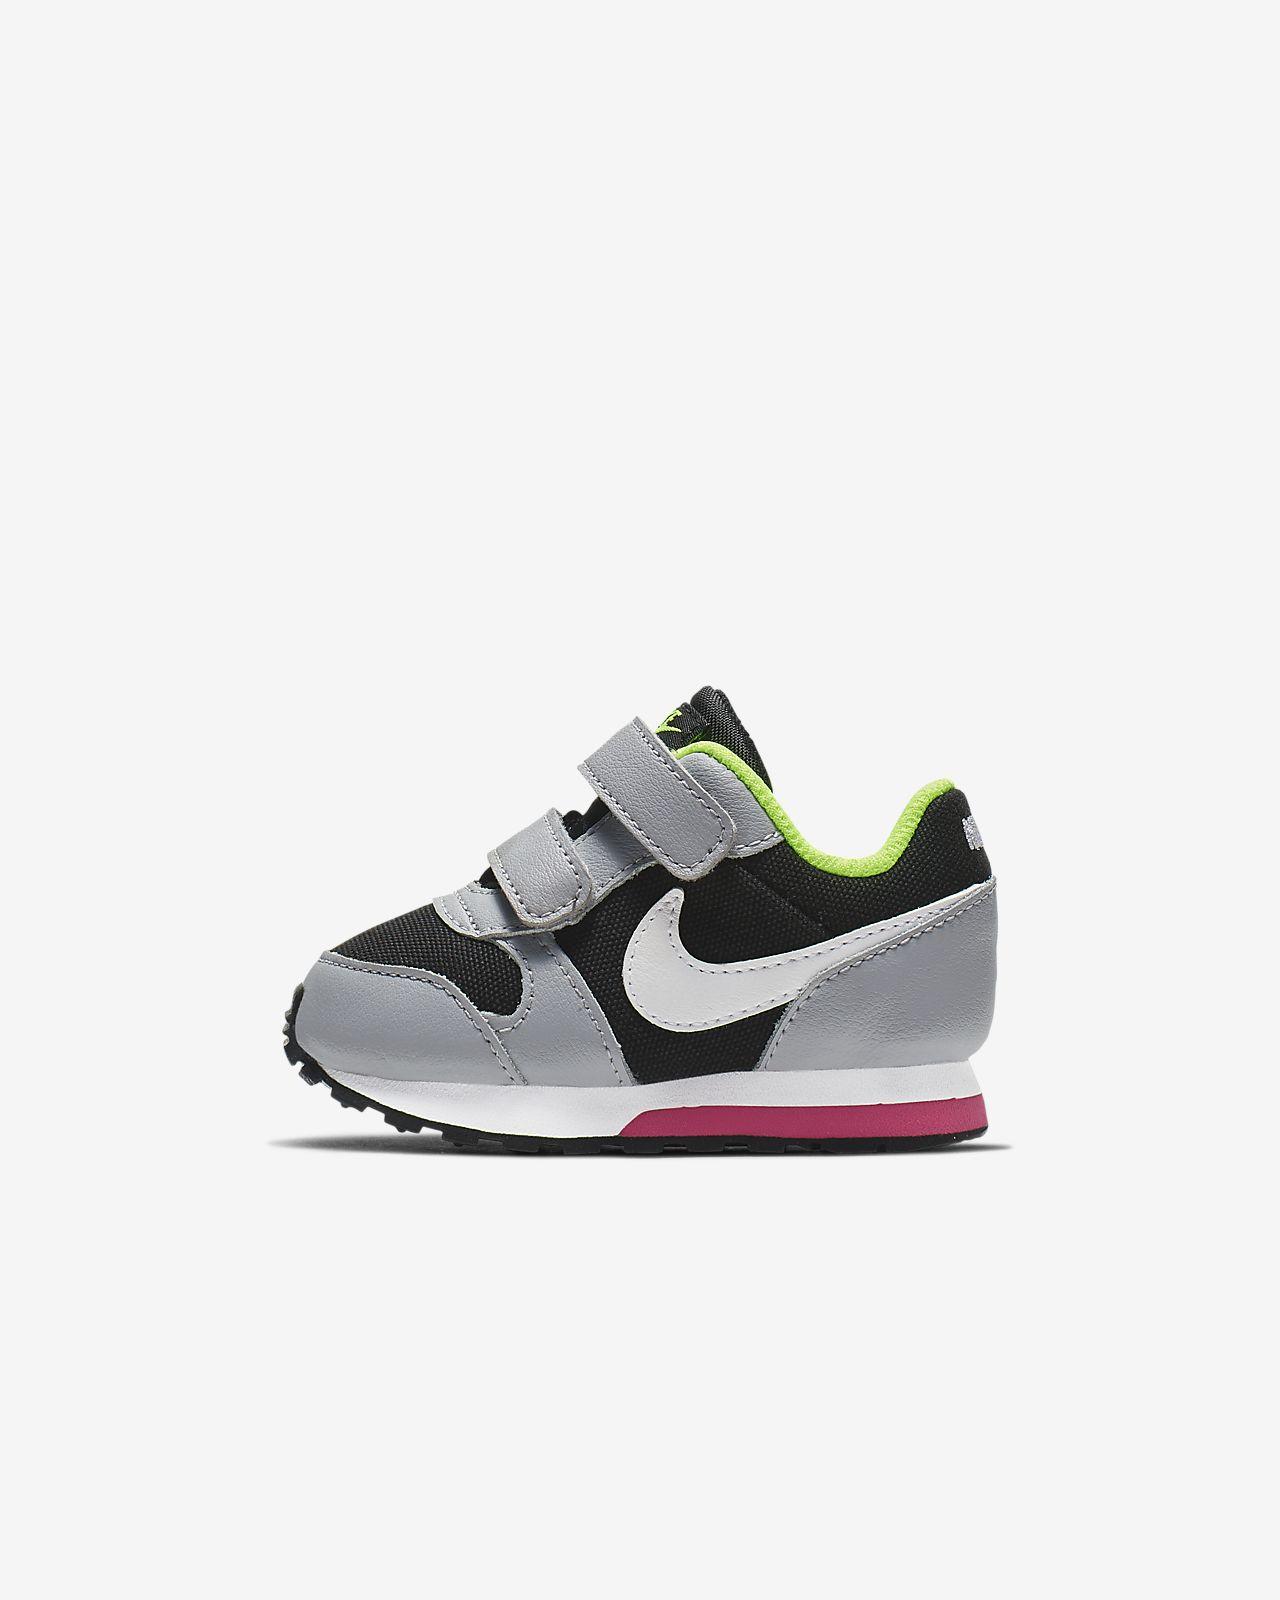 4de06447e8a Nike MD Runner 2 Baby  amp  Toddler Shoe. Nike.com AU